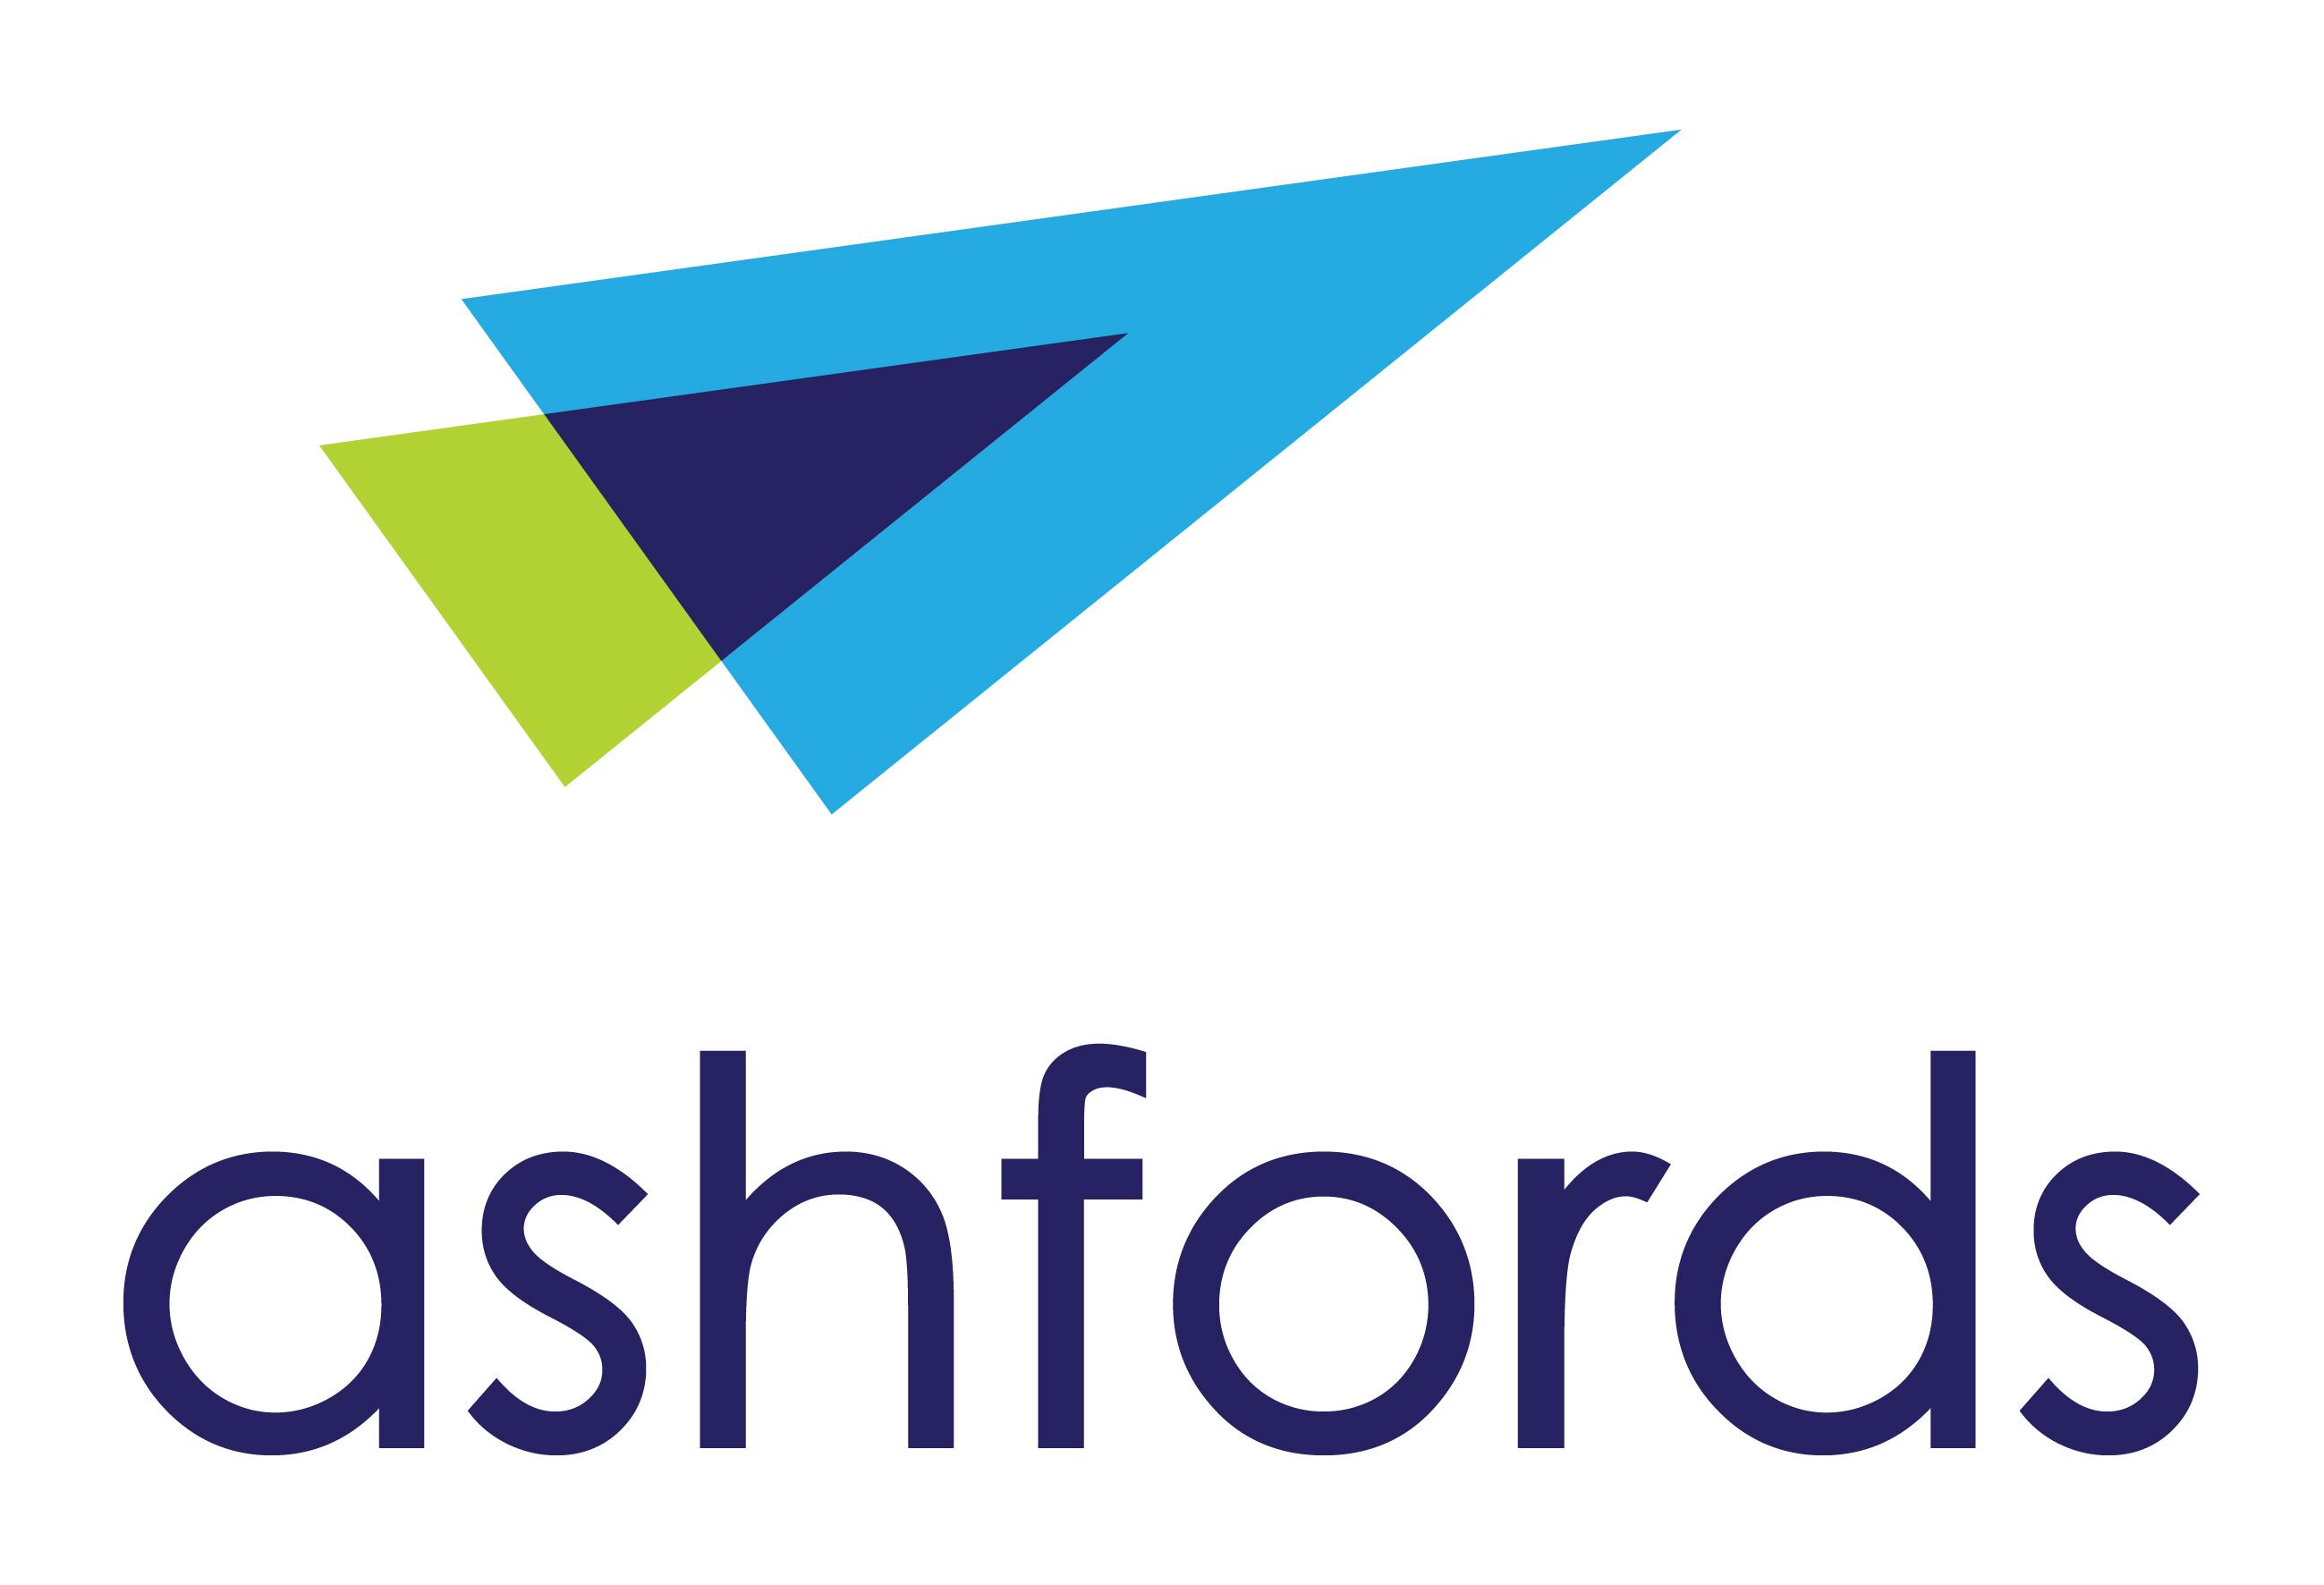 ashfords llp